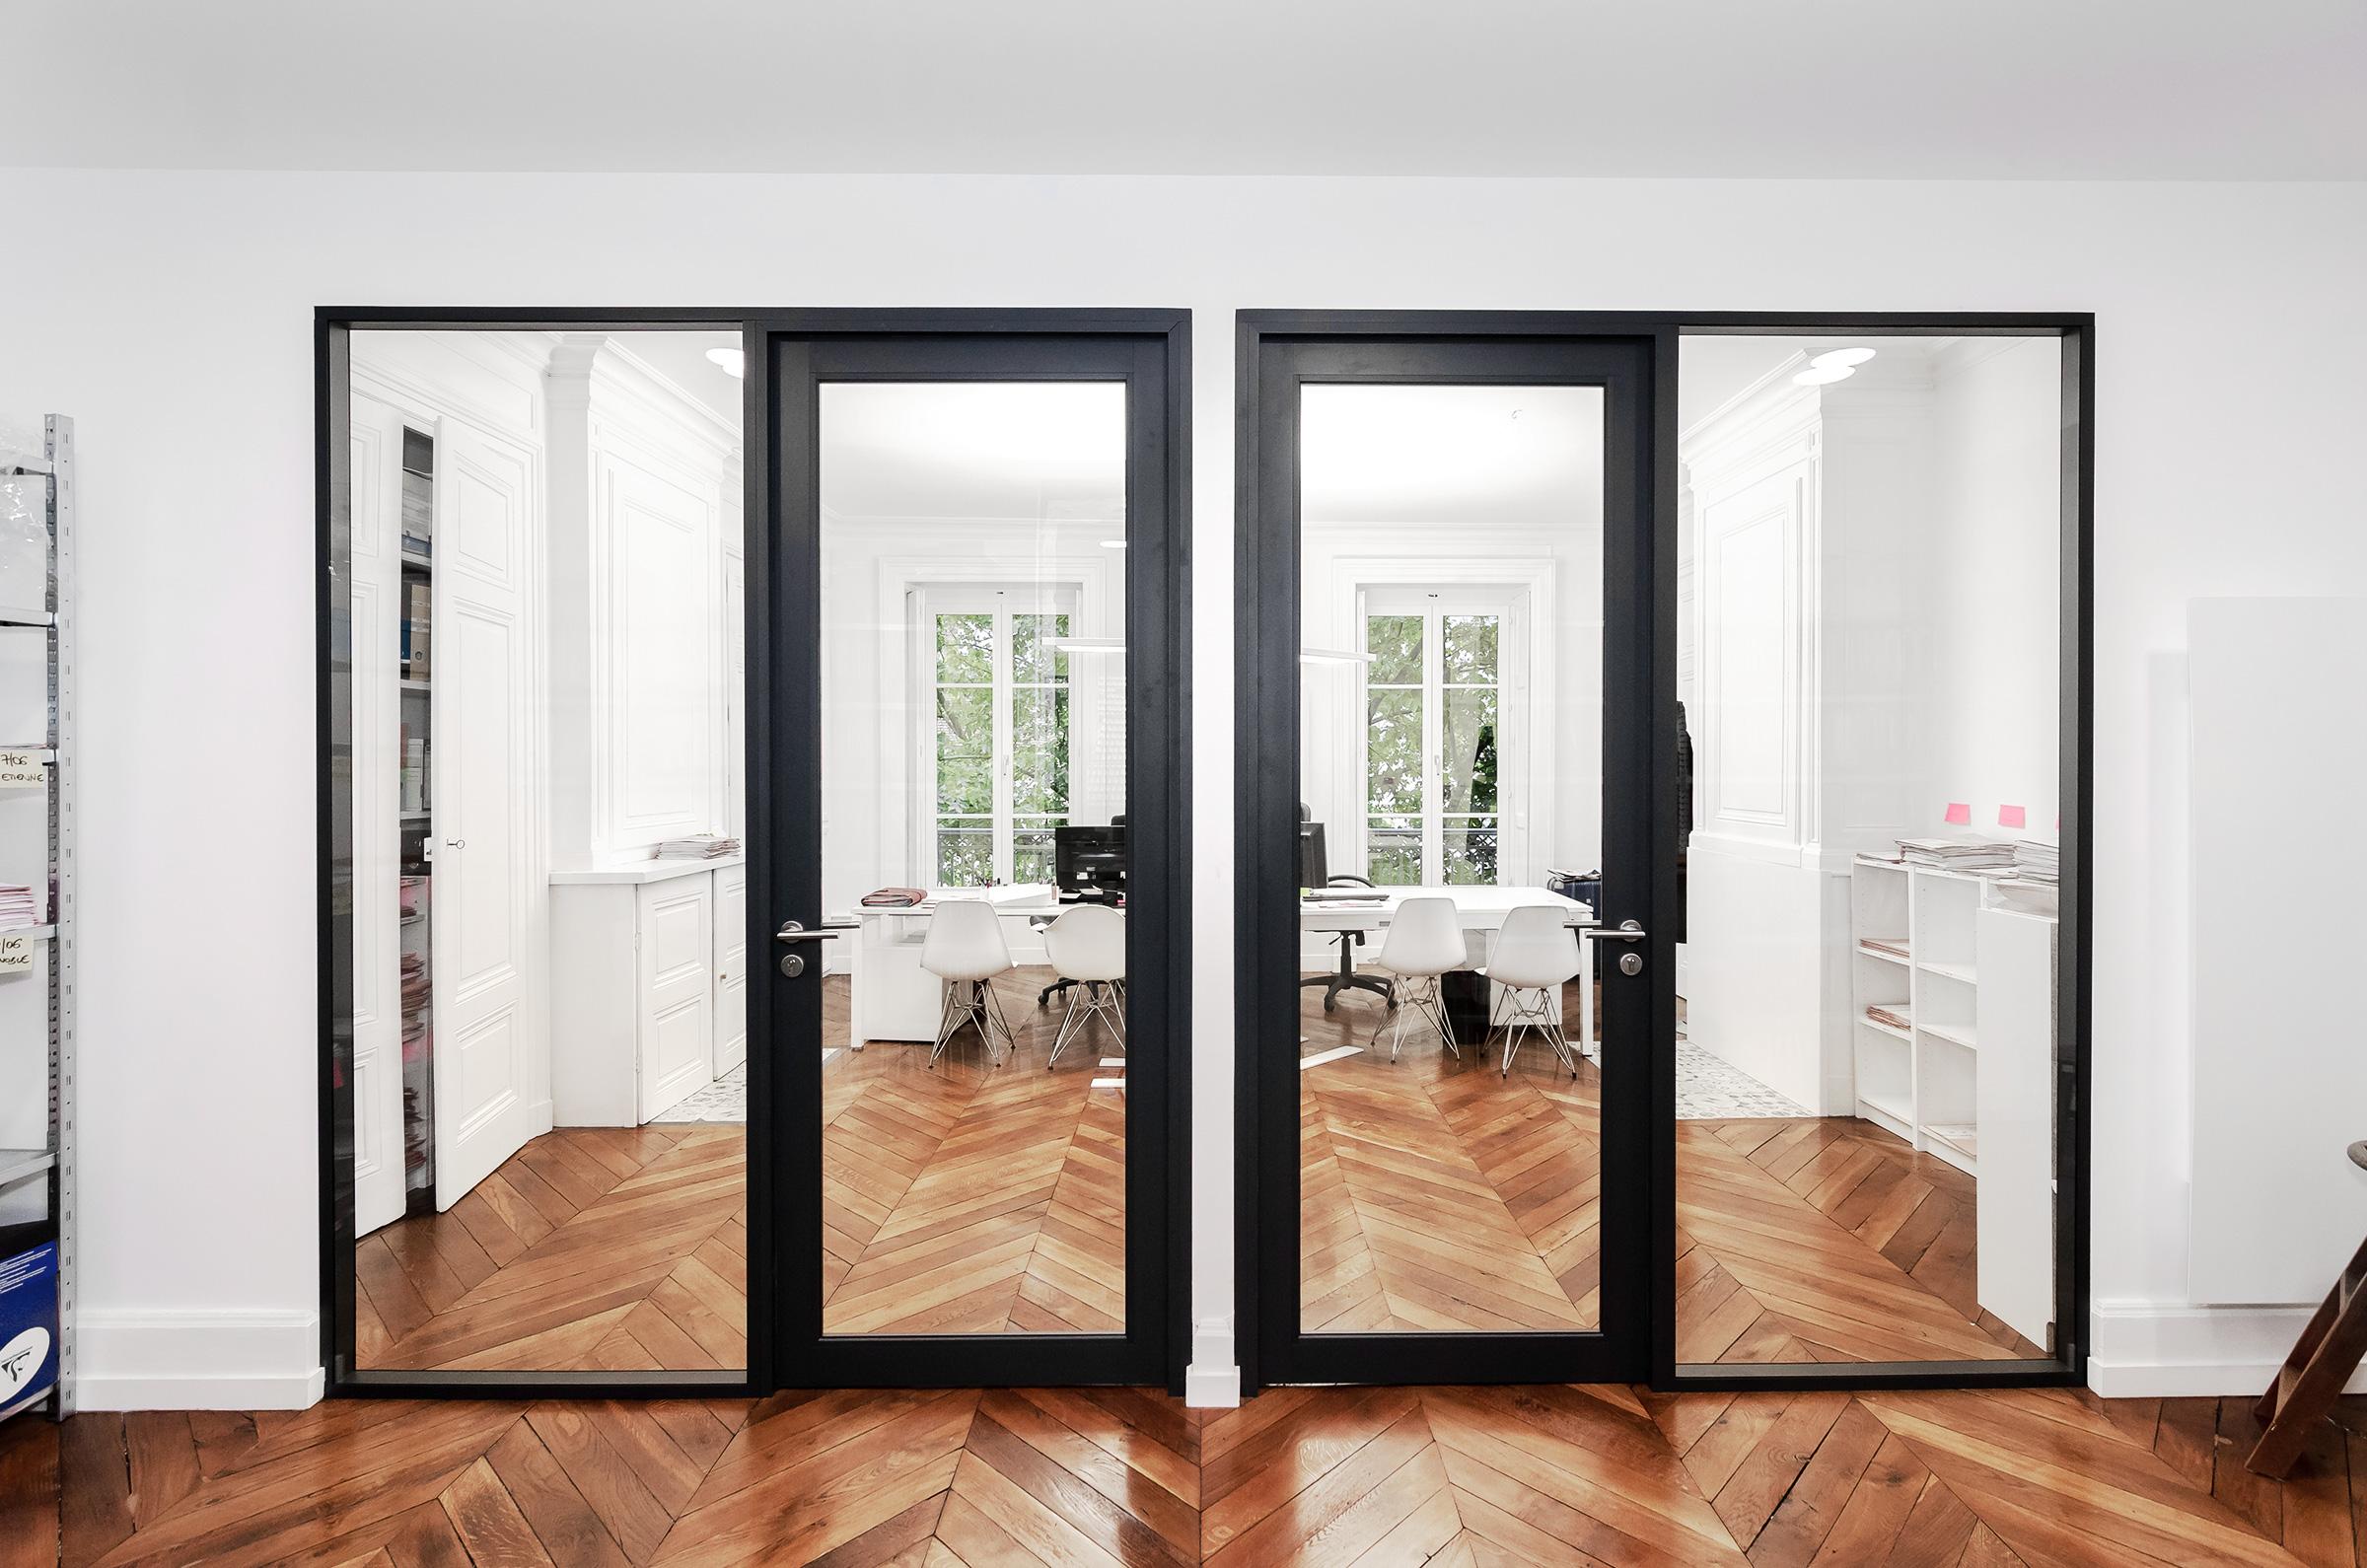 transformation d'appartement et aménagement de bureaux d'avocats à Lyon - cloisons vitrées de bureaux